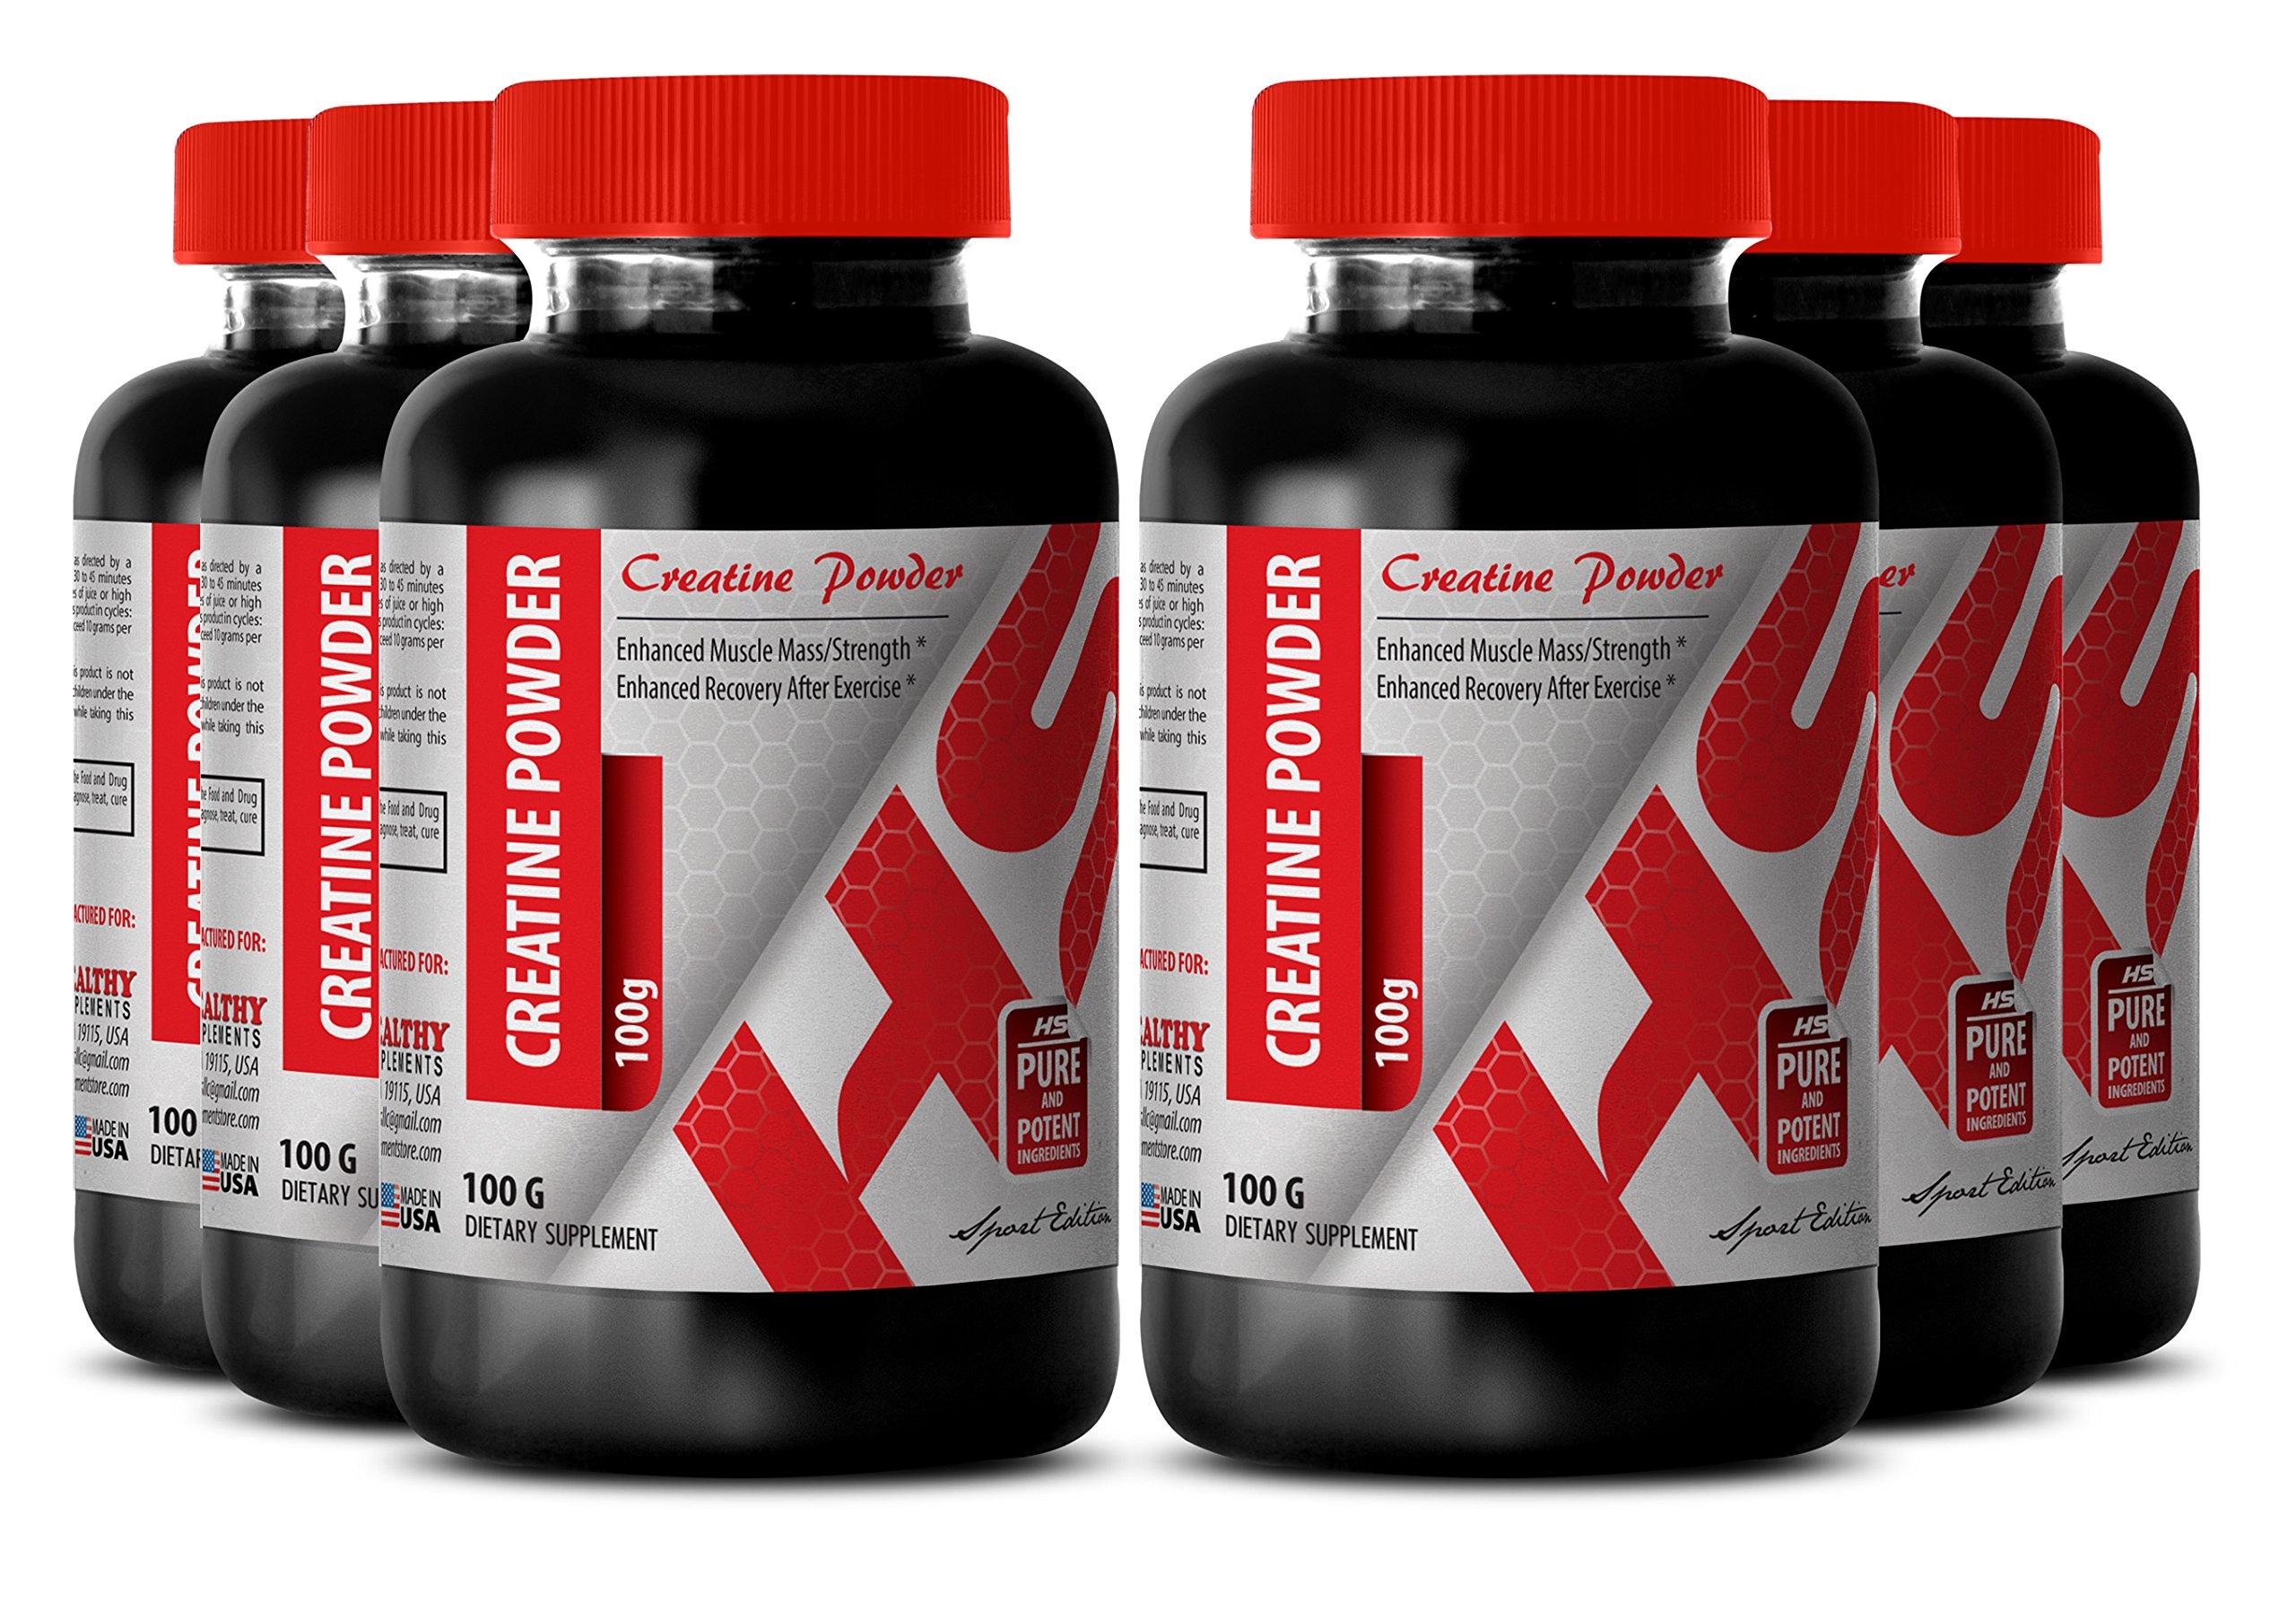 Creatine weight gainer - CREATINE POWDER 100G - build muscle mass (6 Bottles)